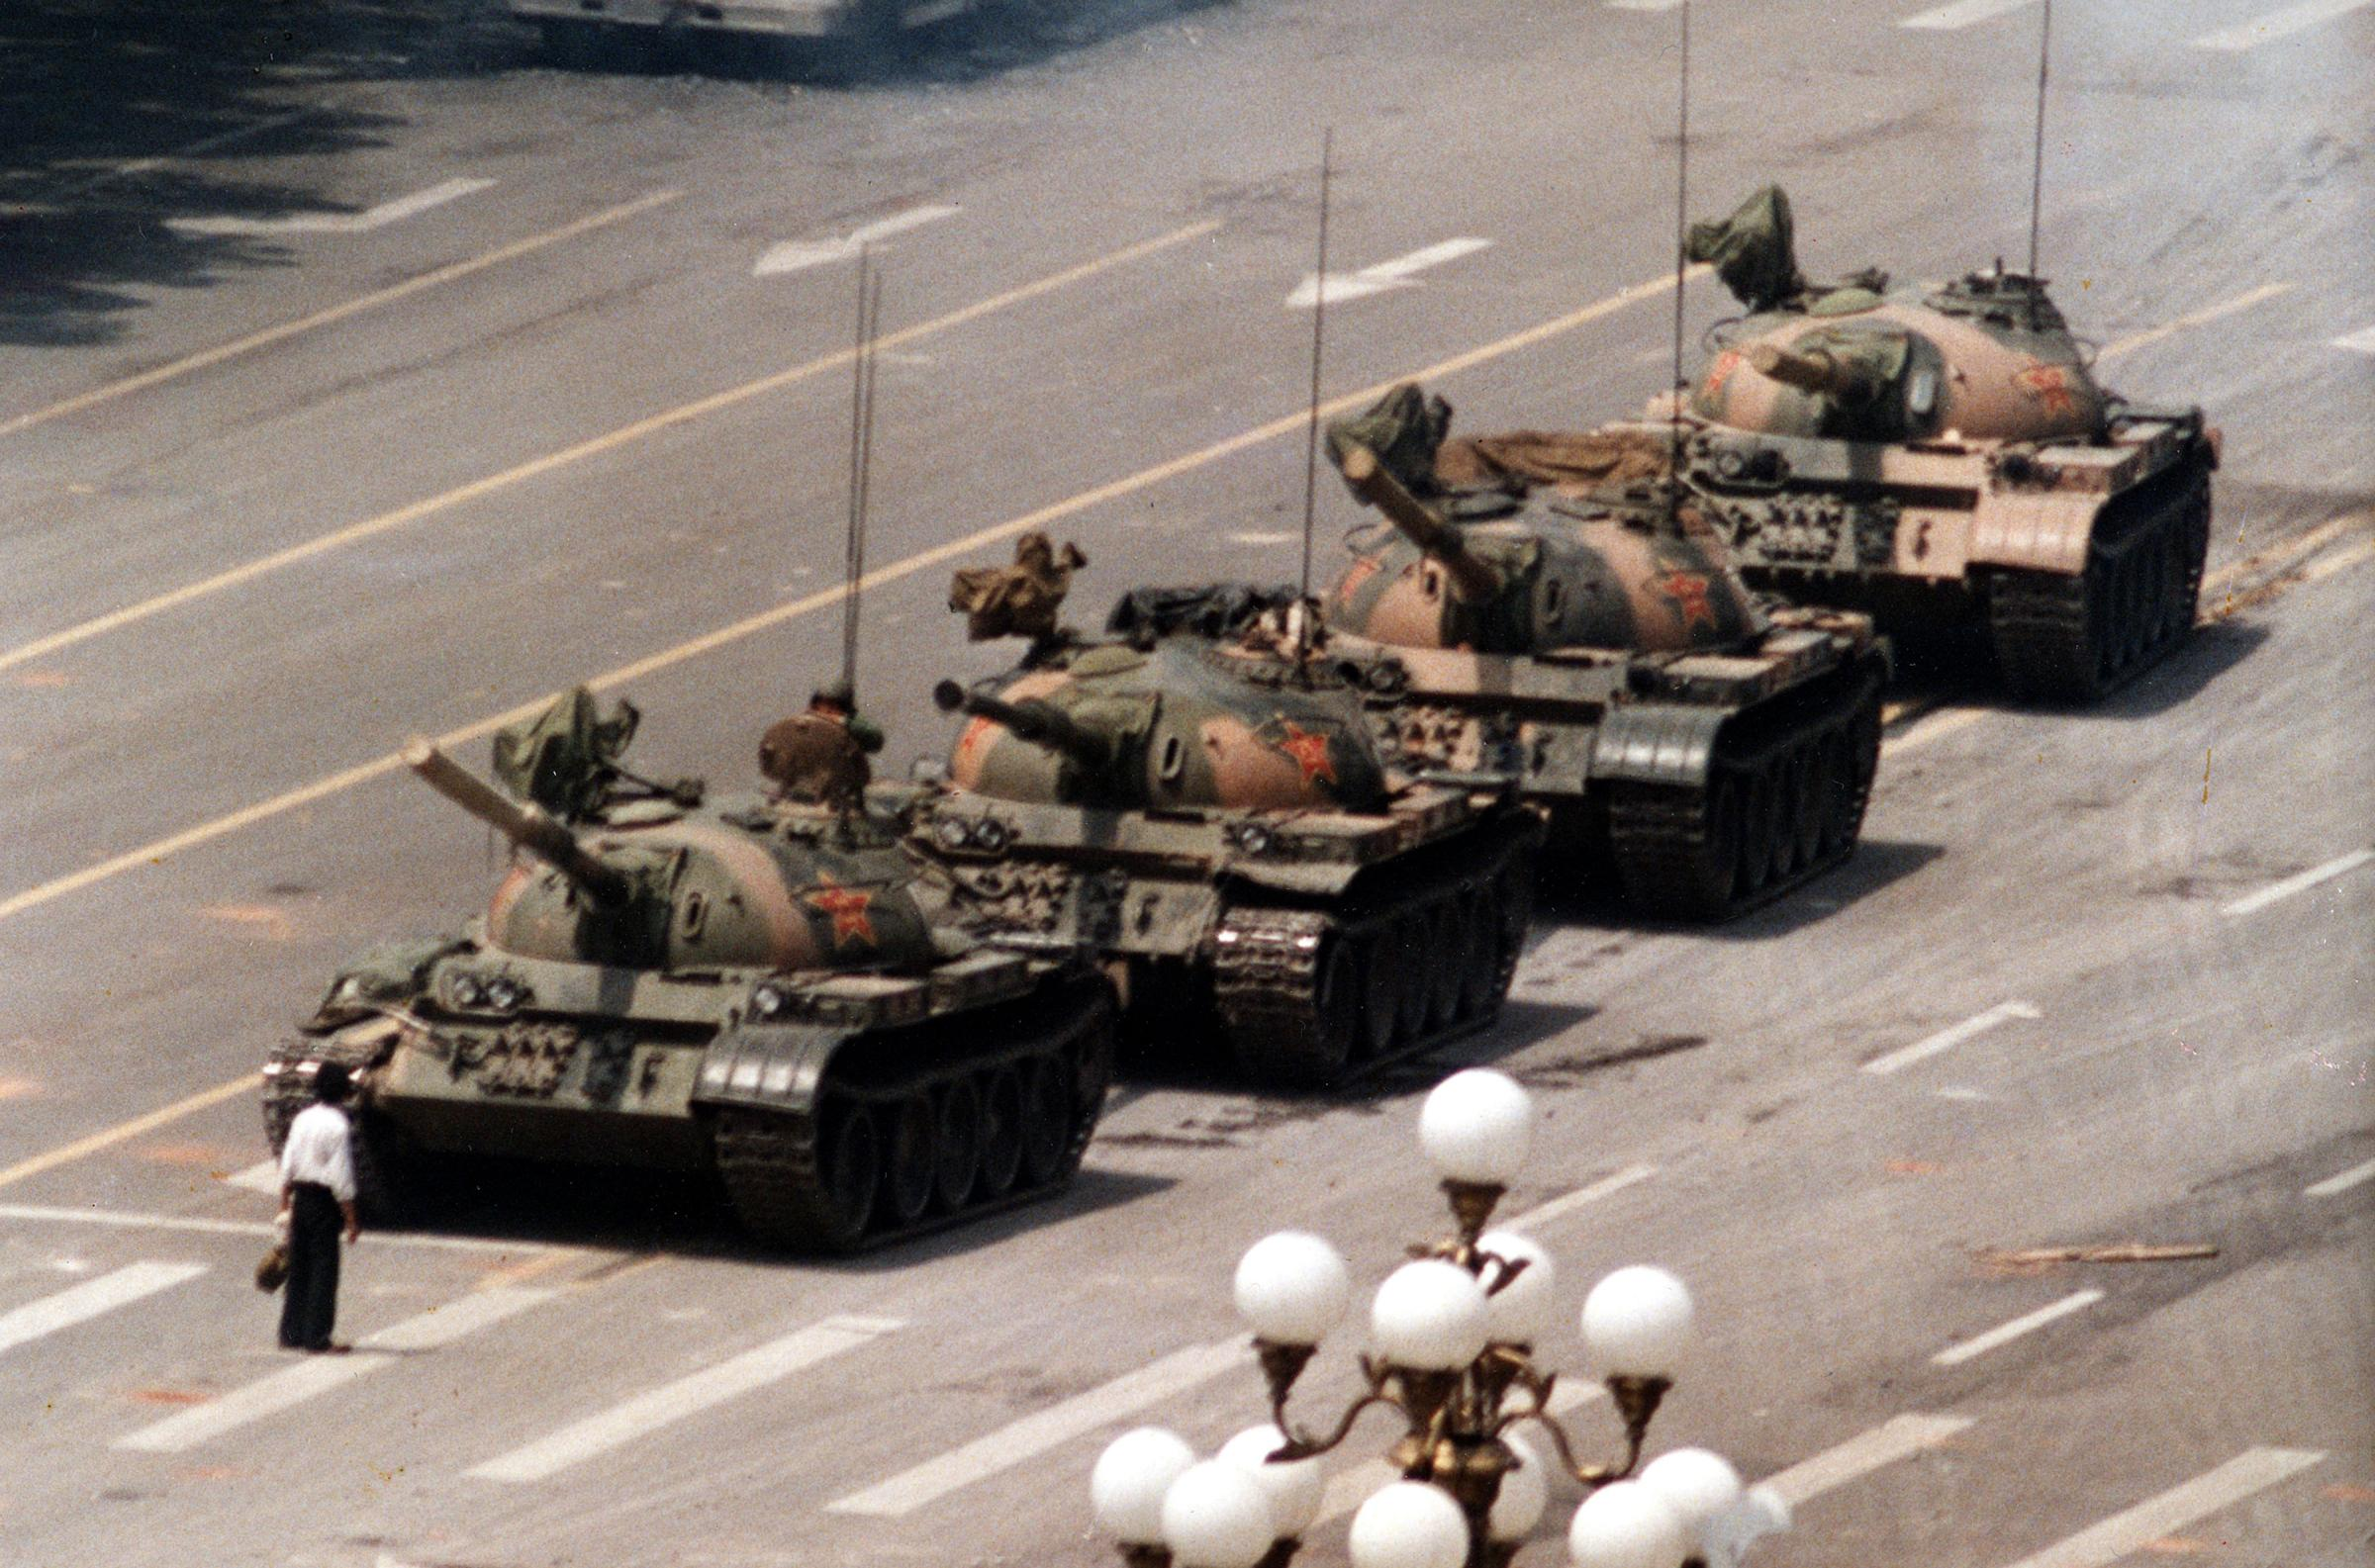 Le foto più famose della storia (che oggi avrebbero fatto impazzire i social)